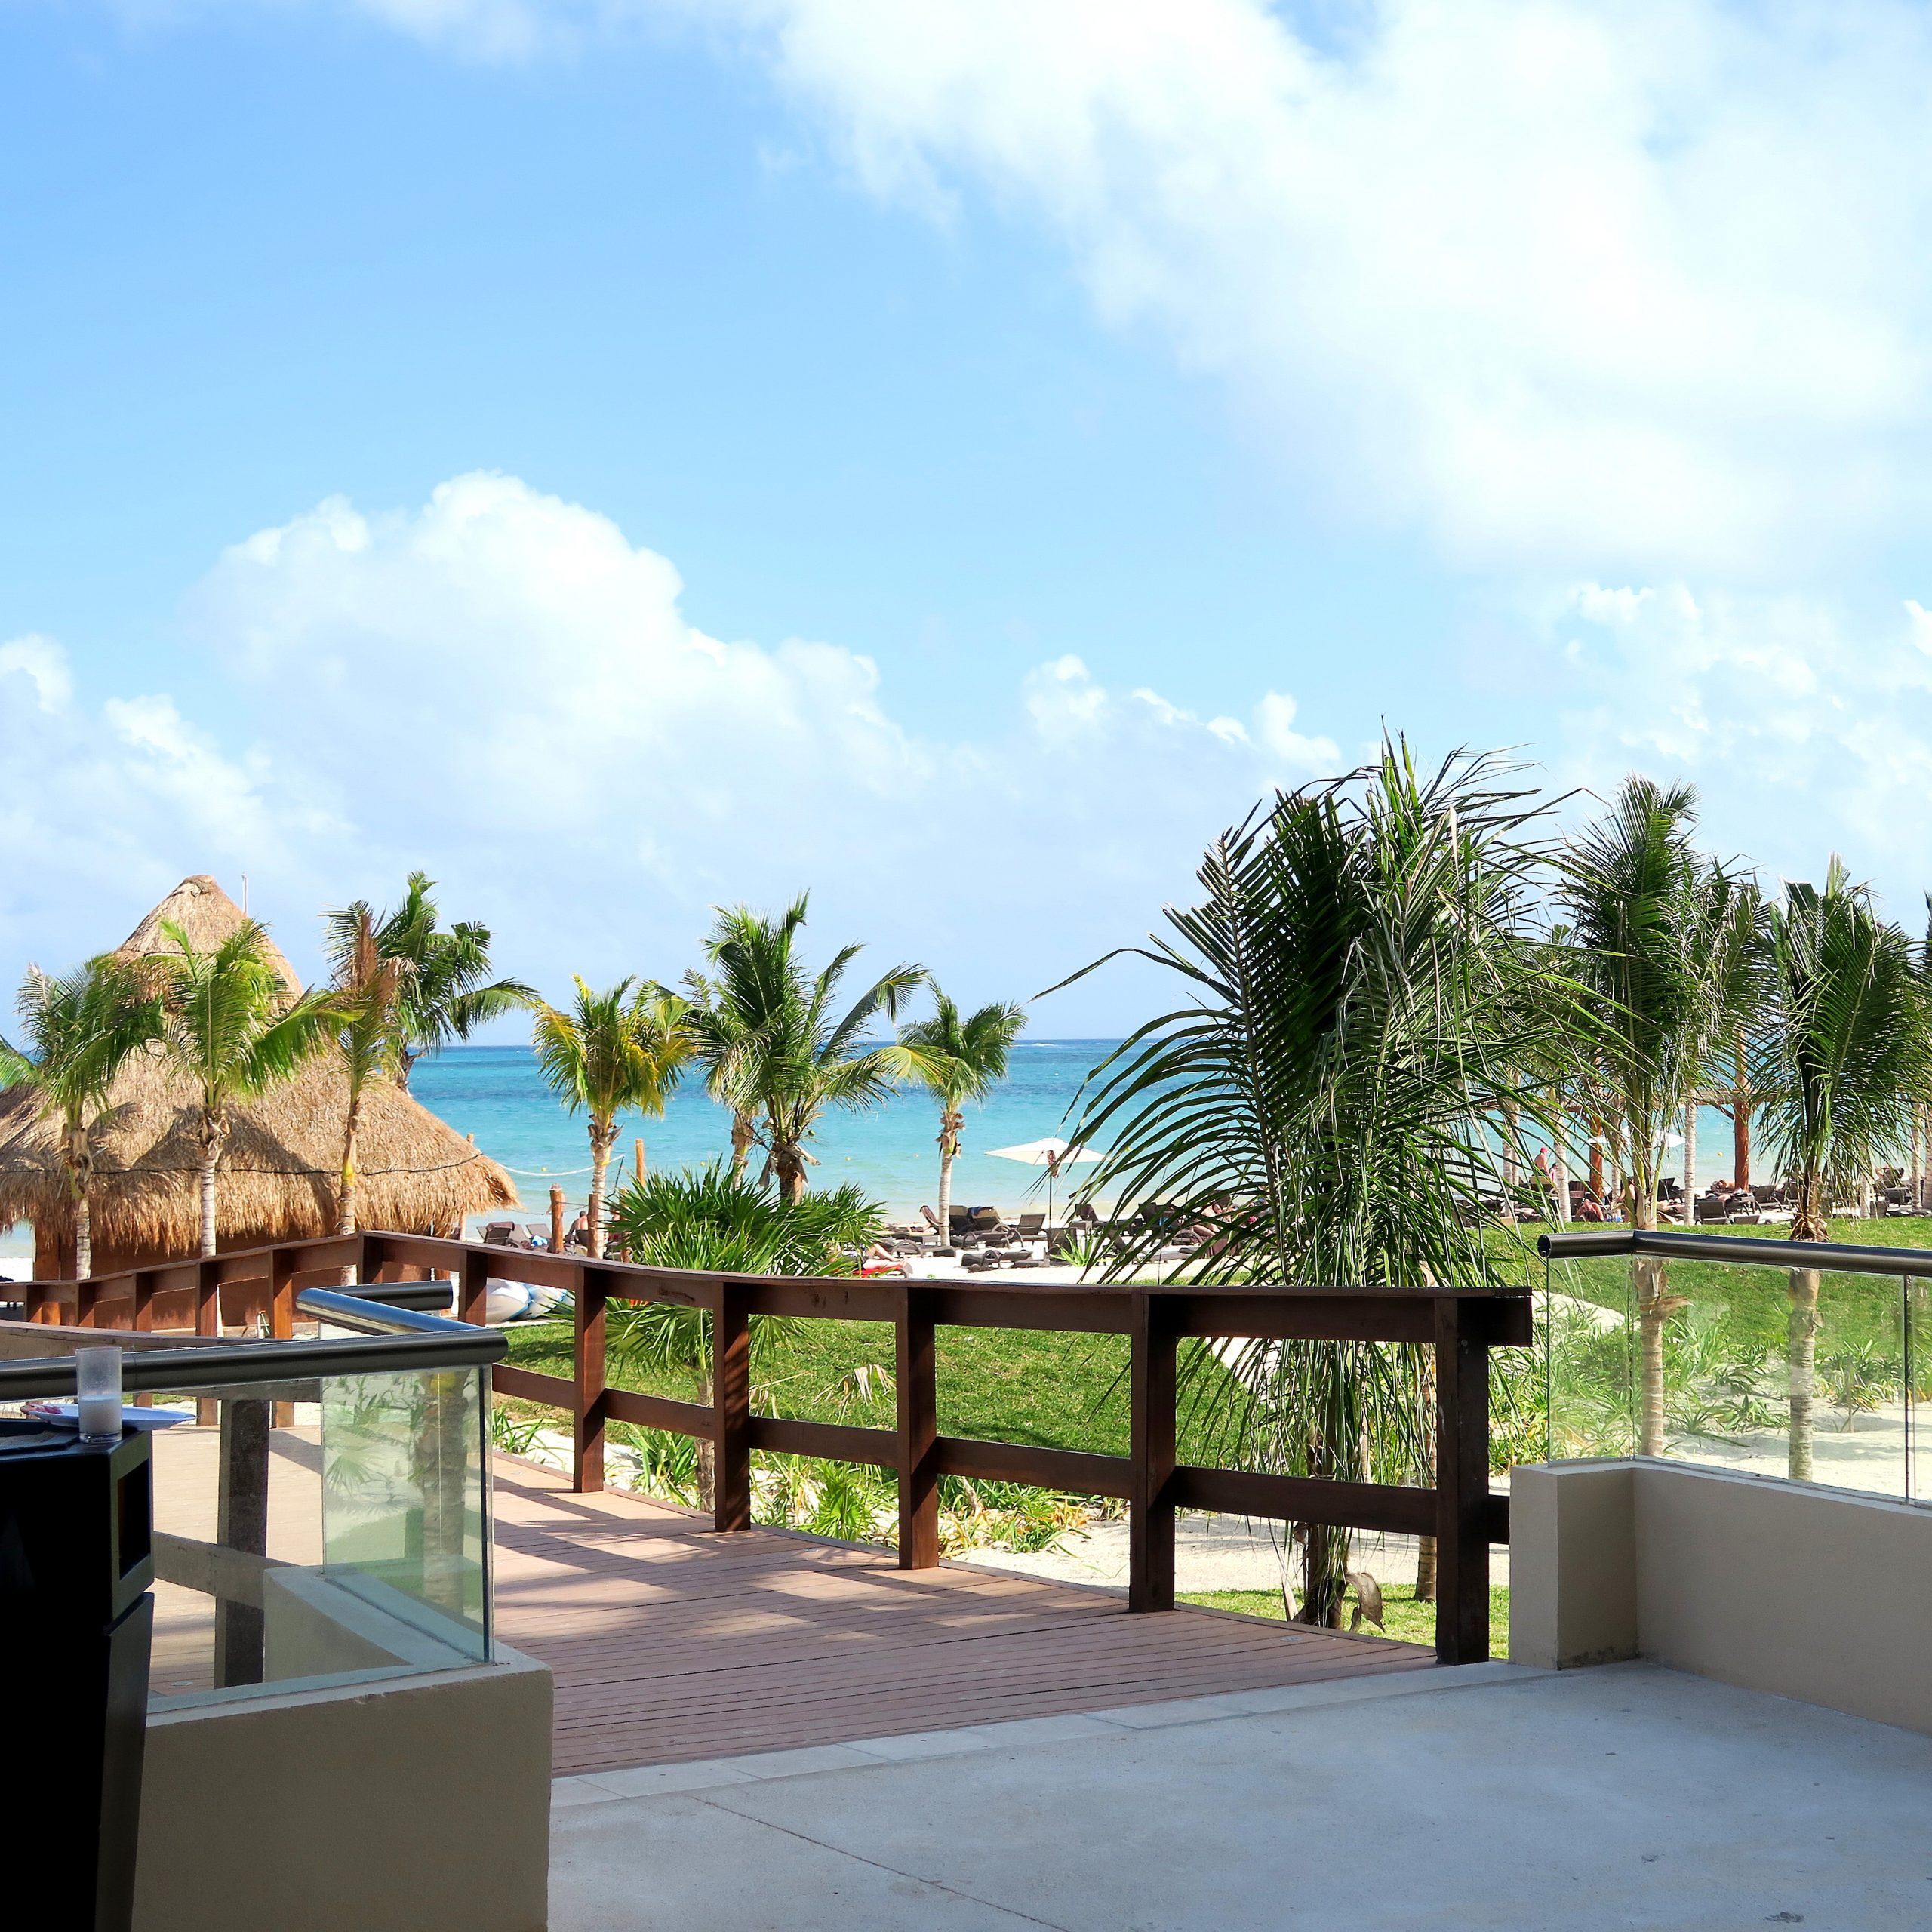 Royalton Riviera Cancun Review